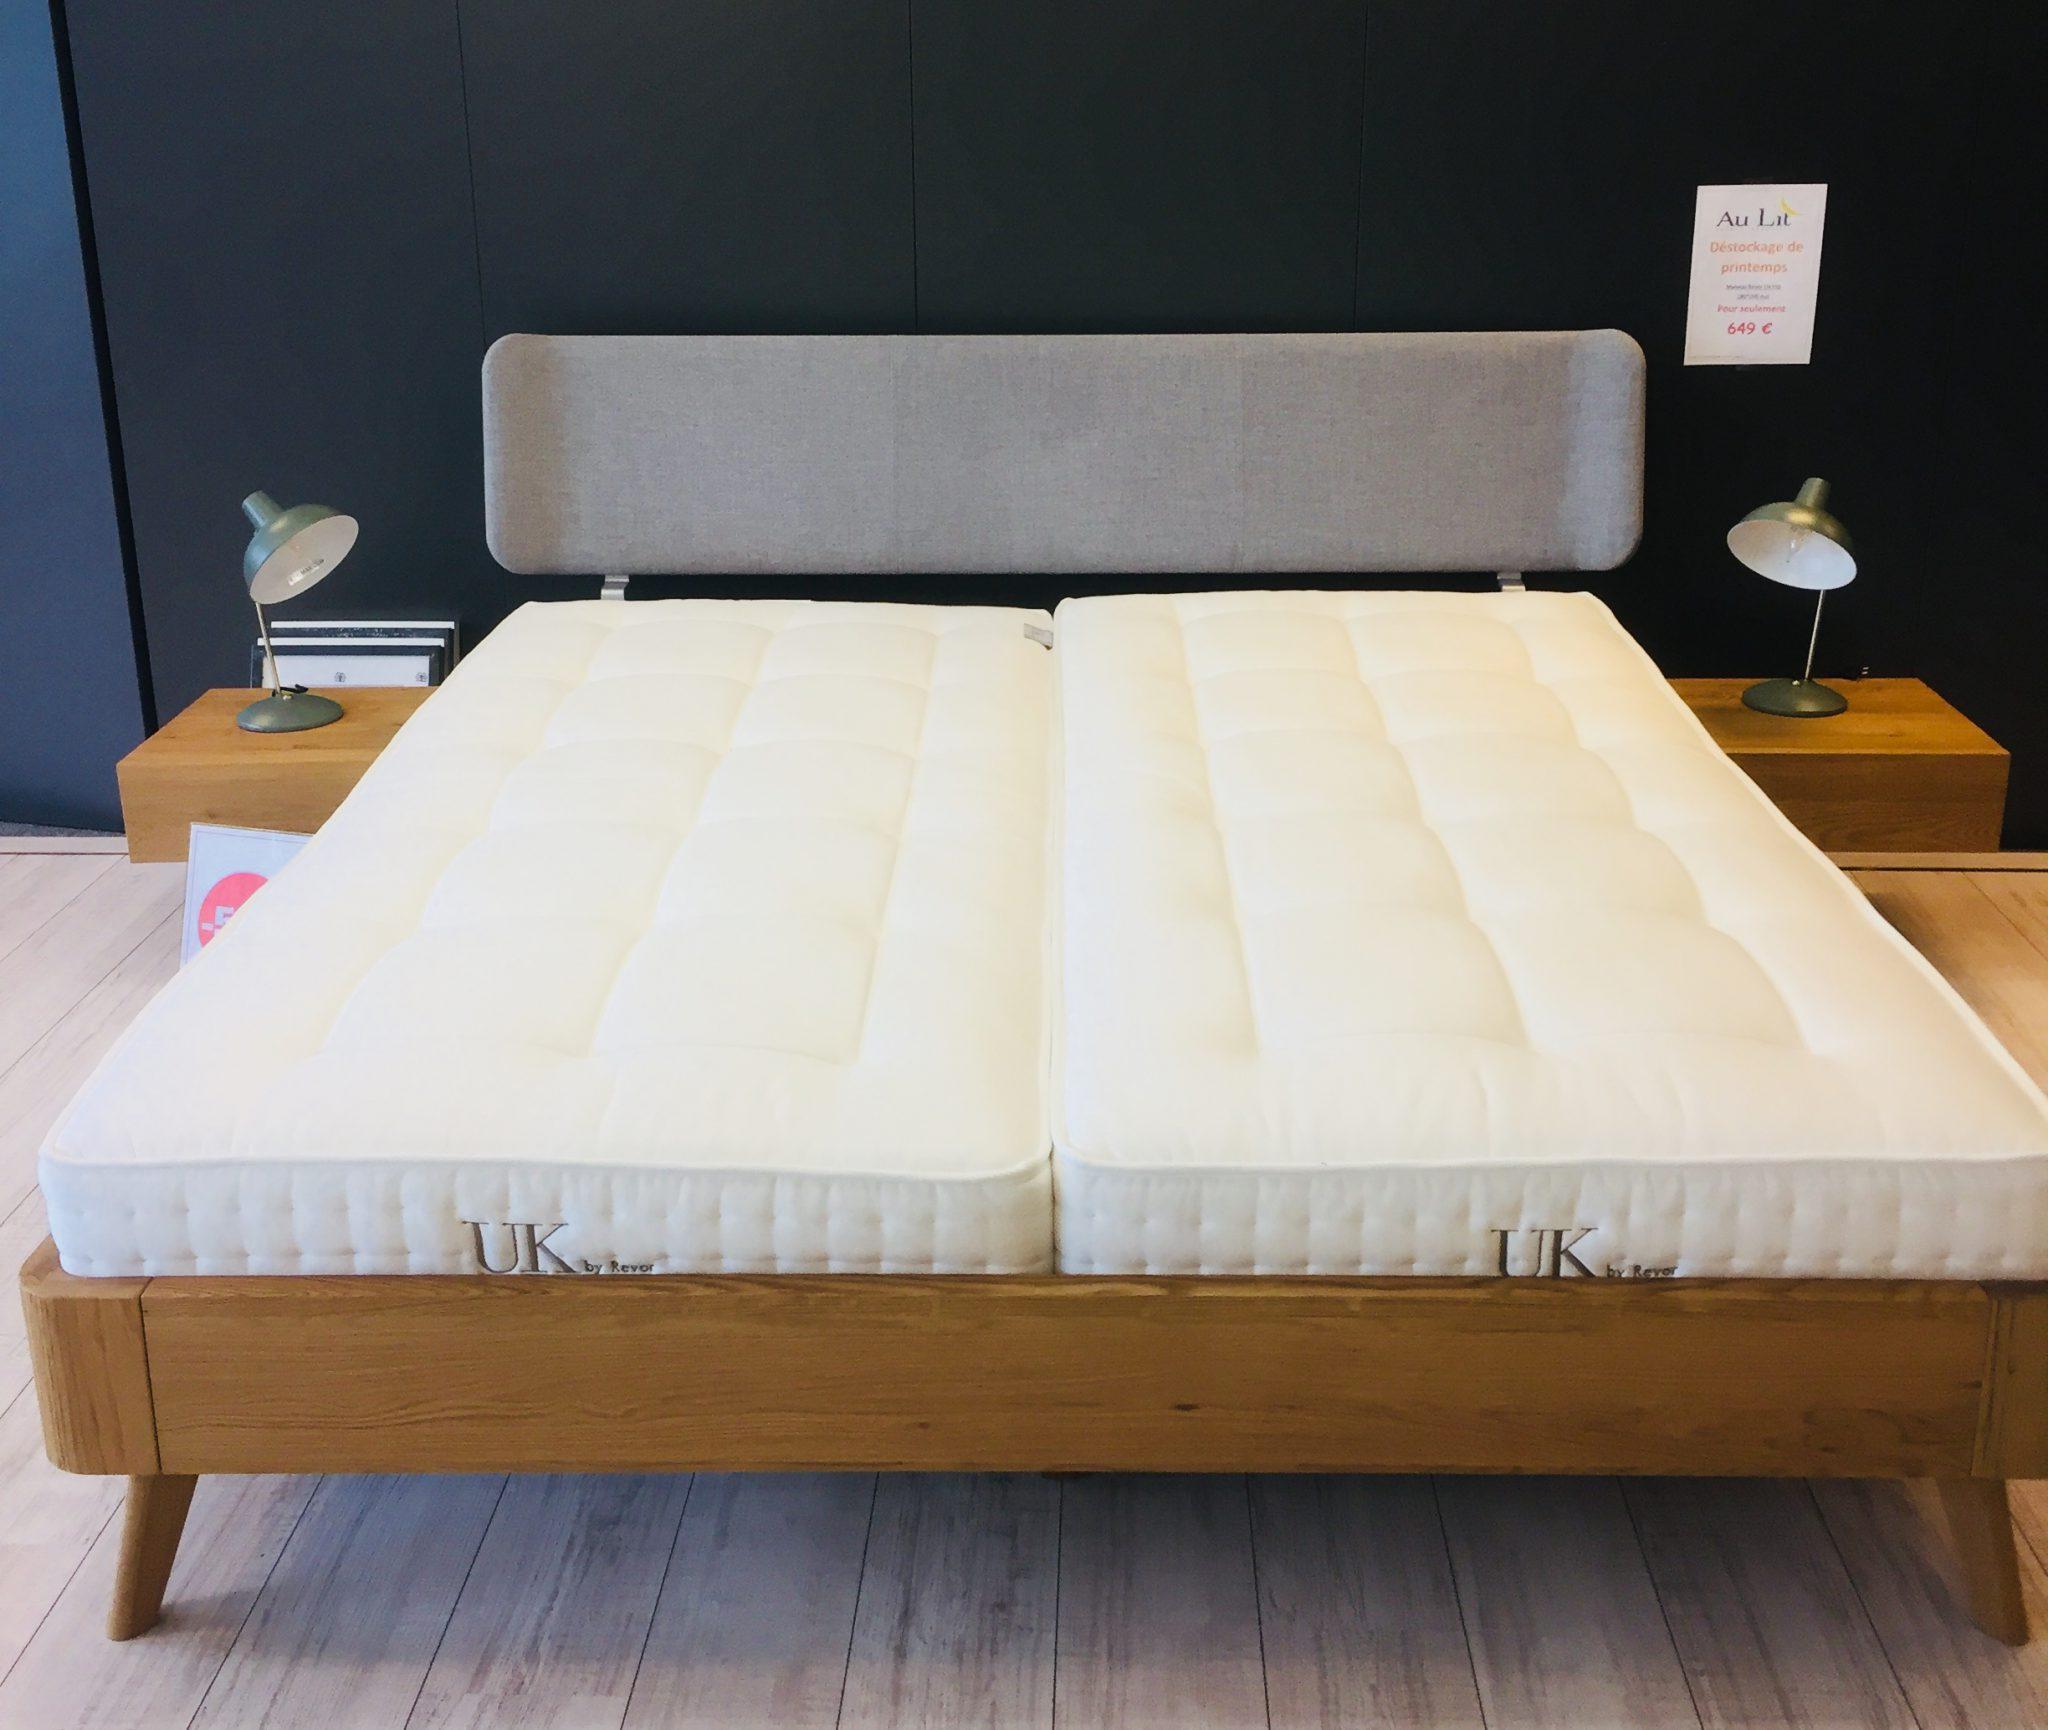 matelas revor uk 750 au lit. Black Bedroom Furniture Sets. Home Design Ideas